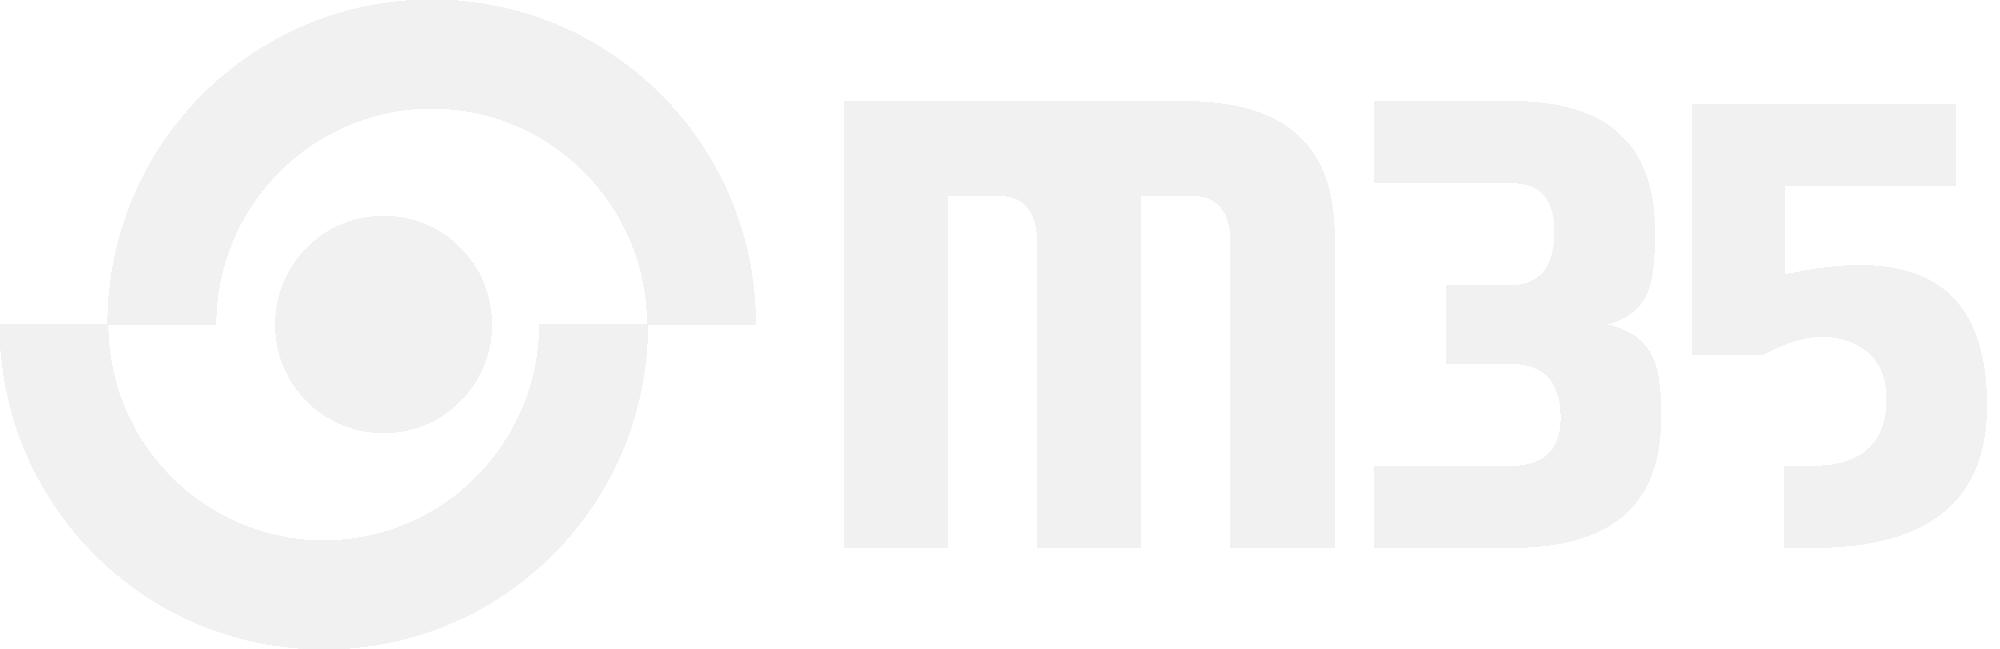 m35 logo